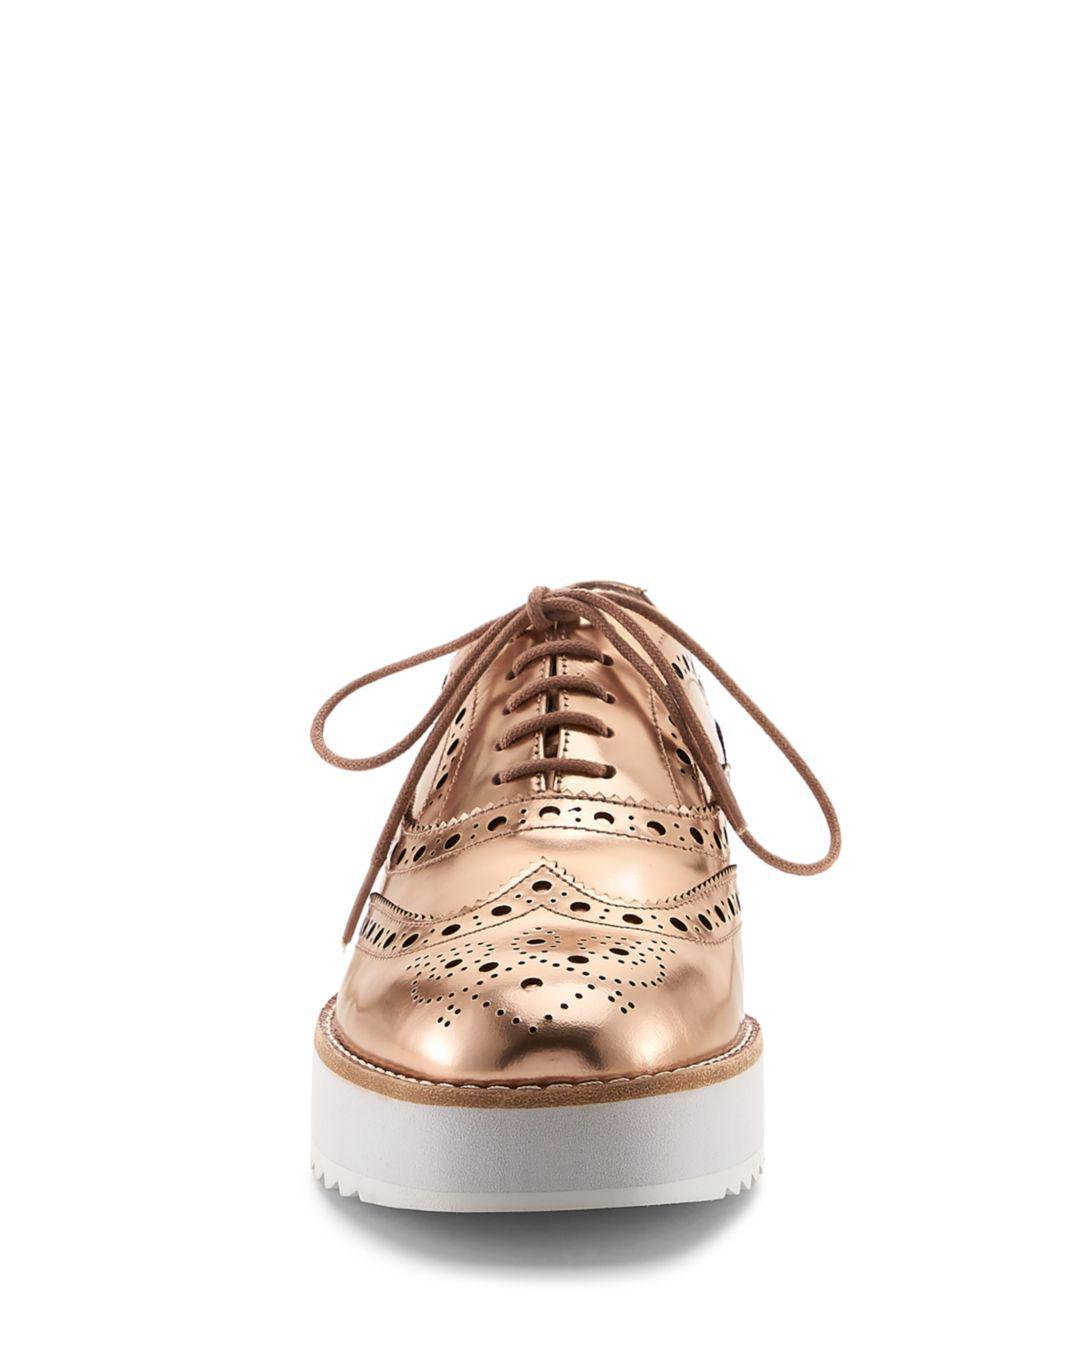 Clive Platform Oxford Loafers